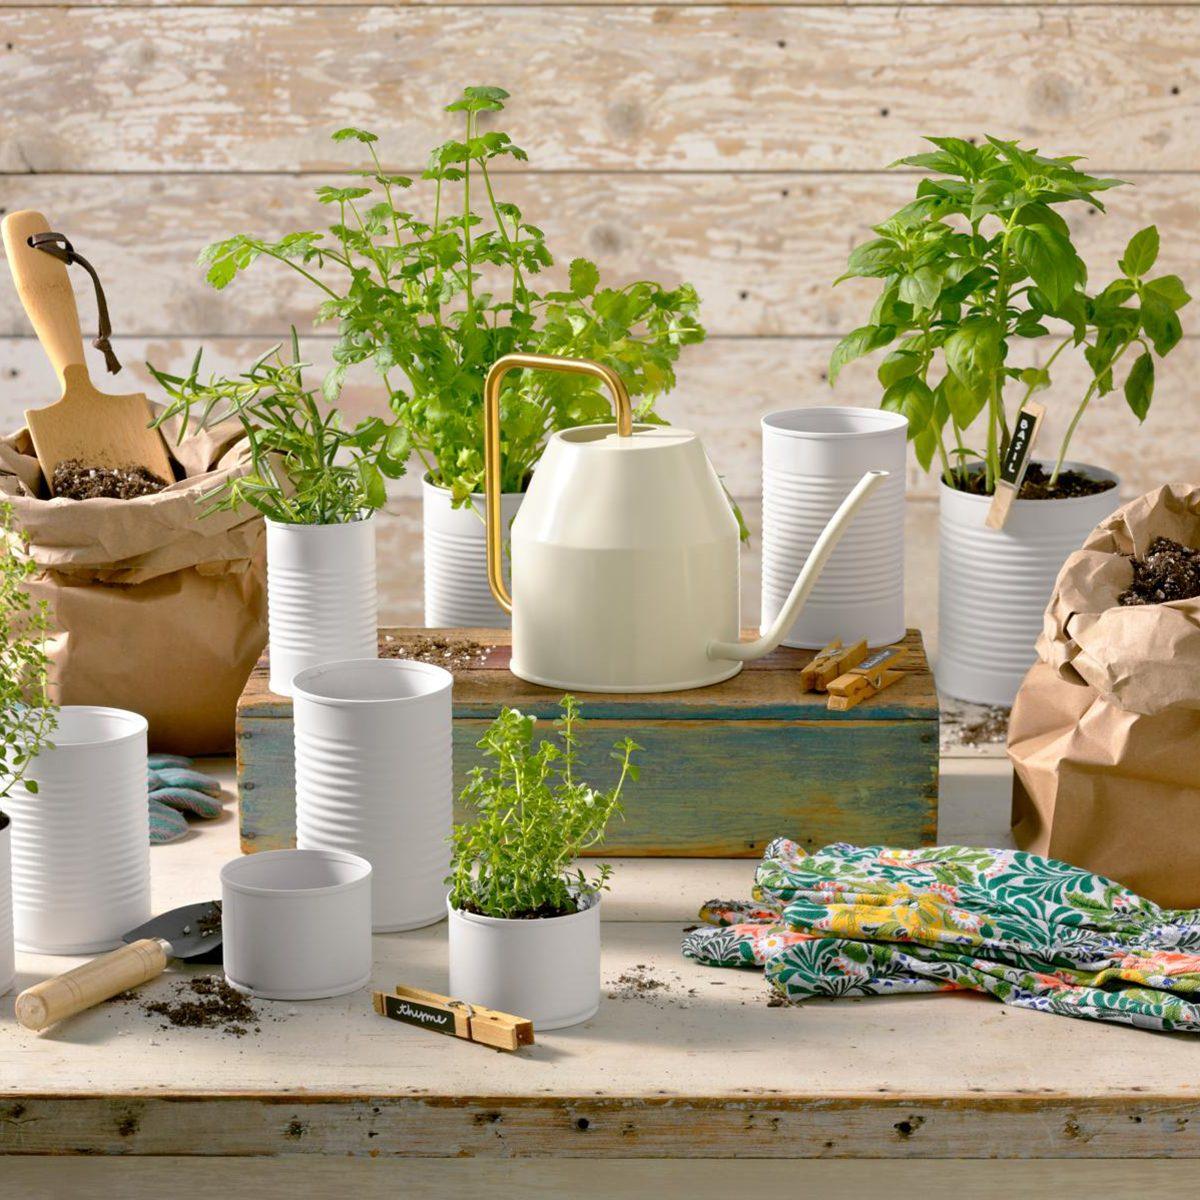 Full gardening spread